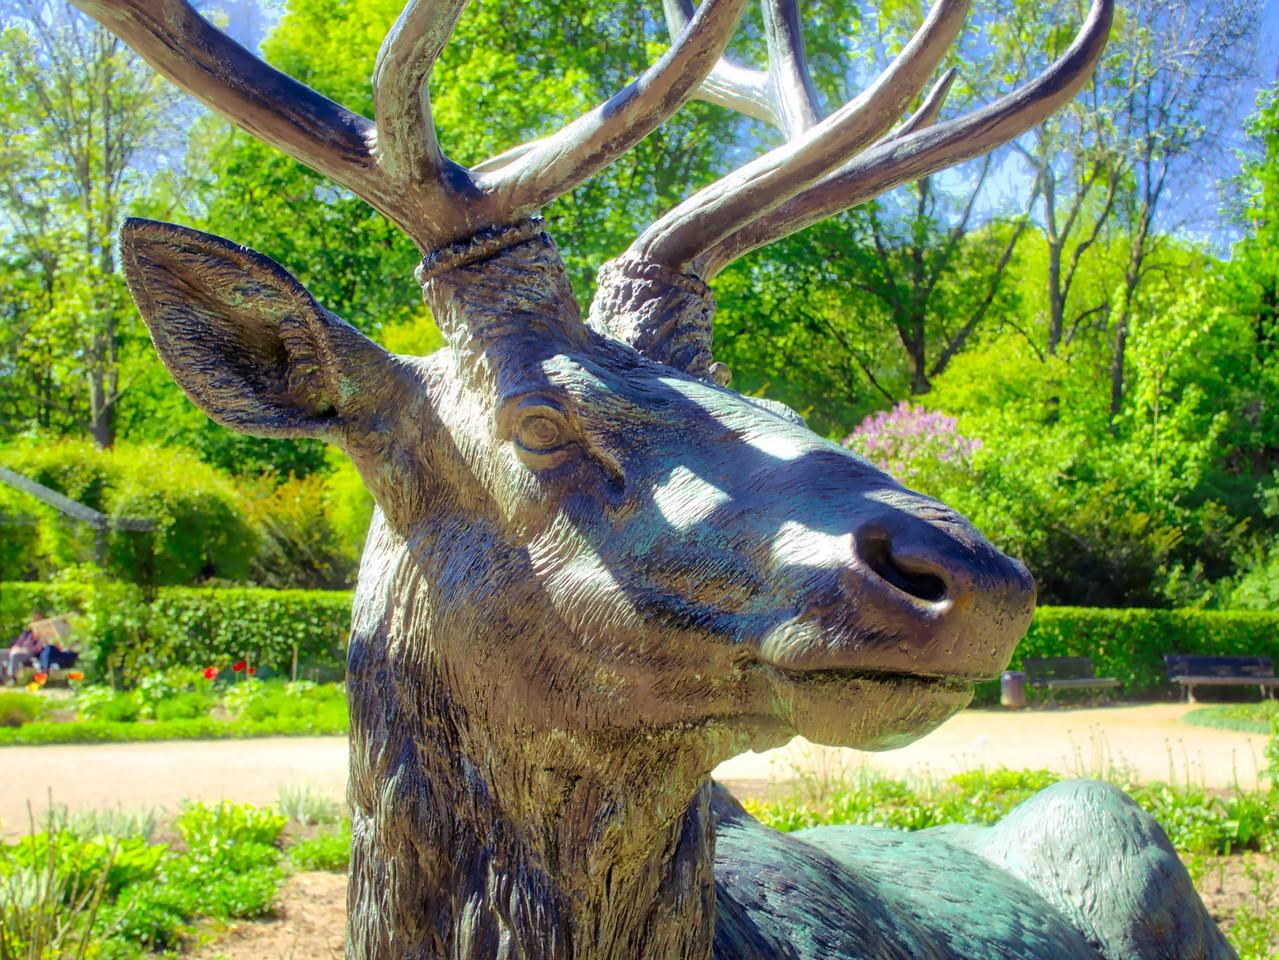 A statue of a deer in Tiergarten, Berlin